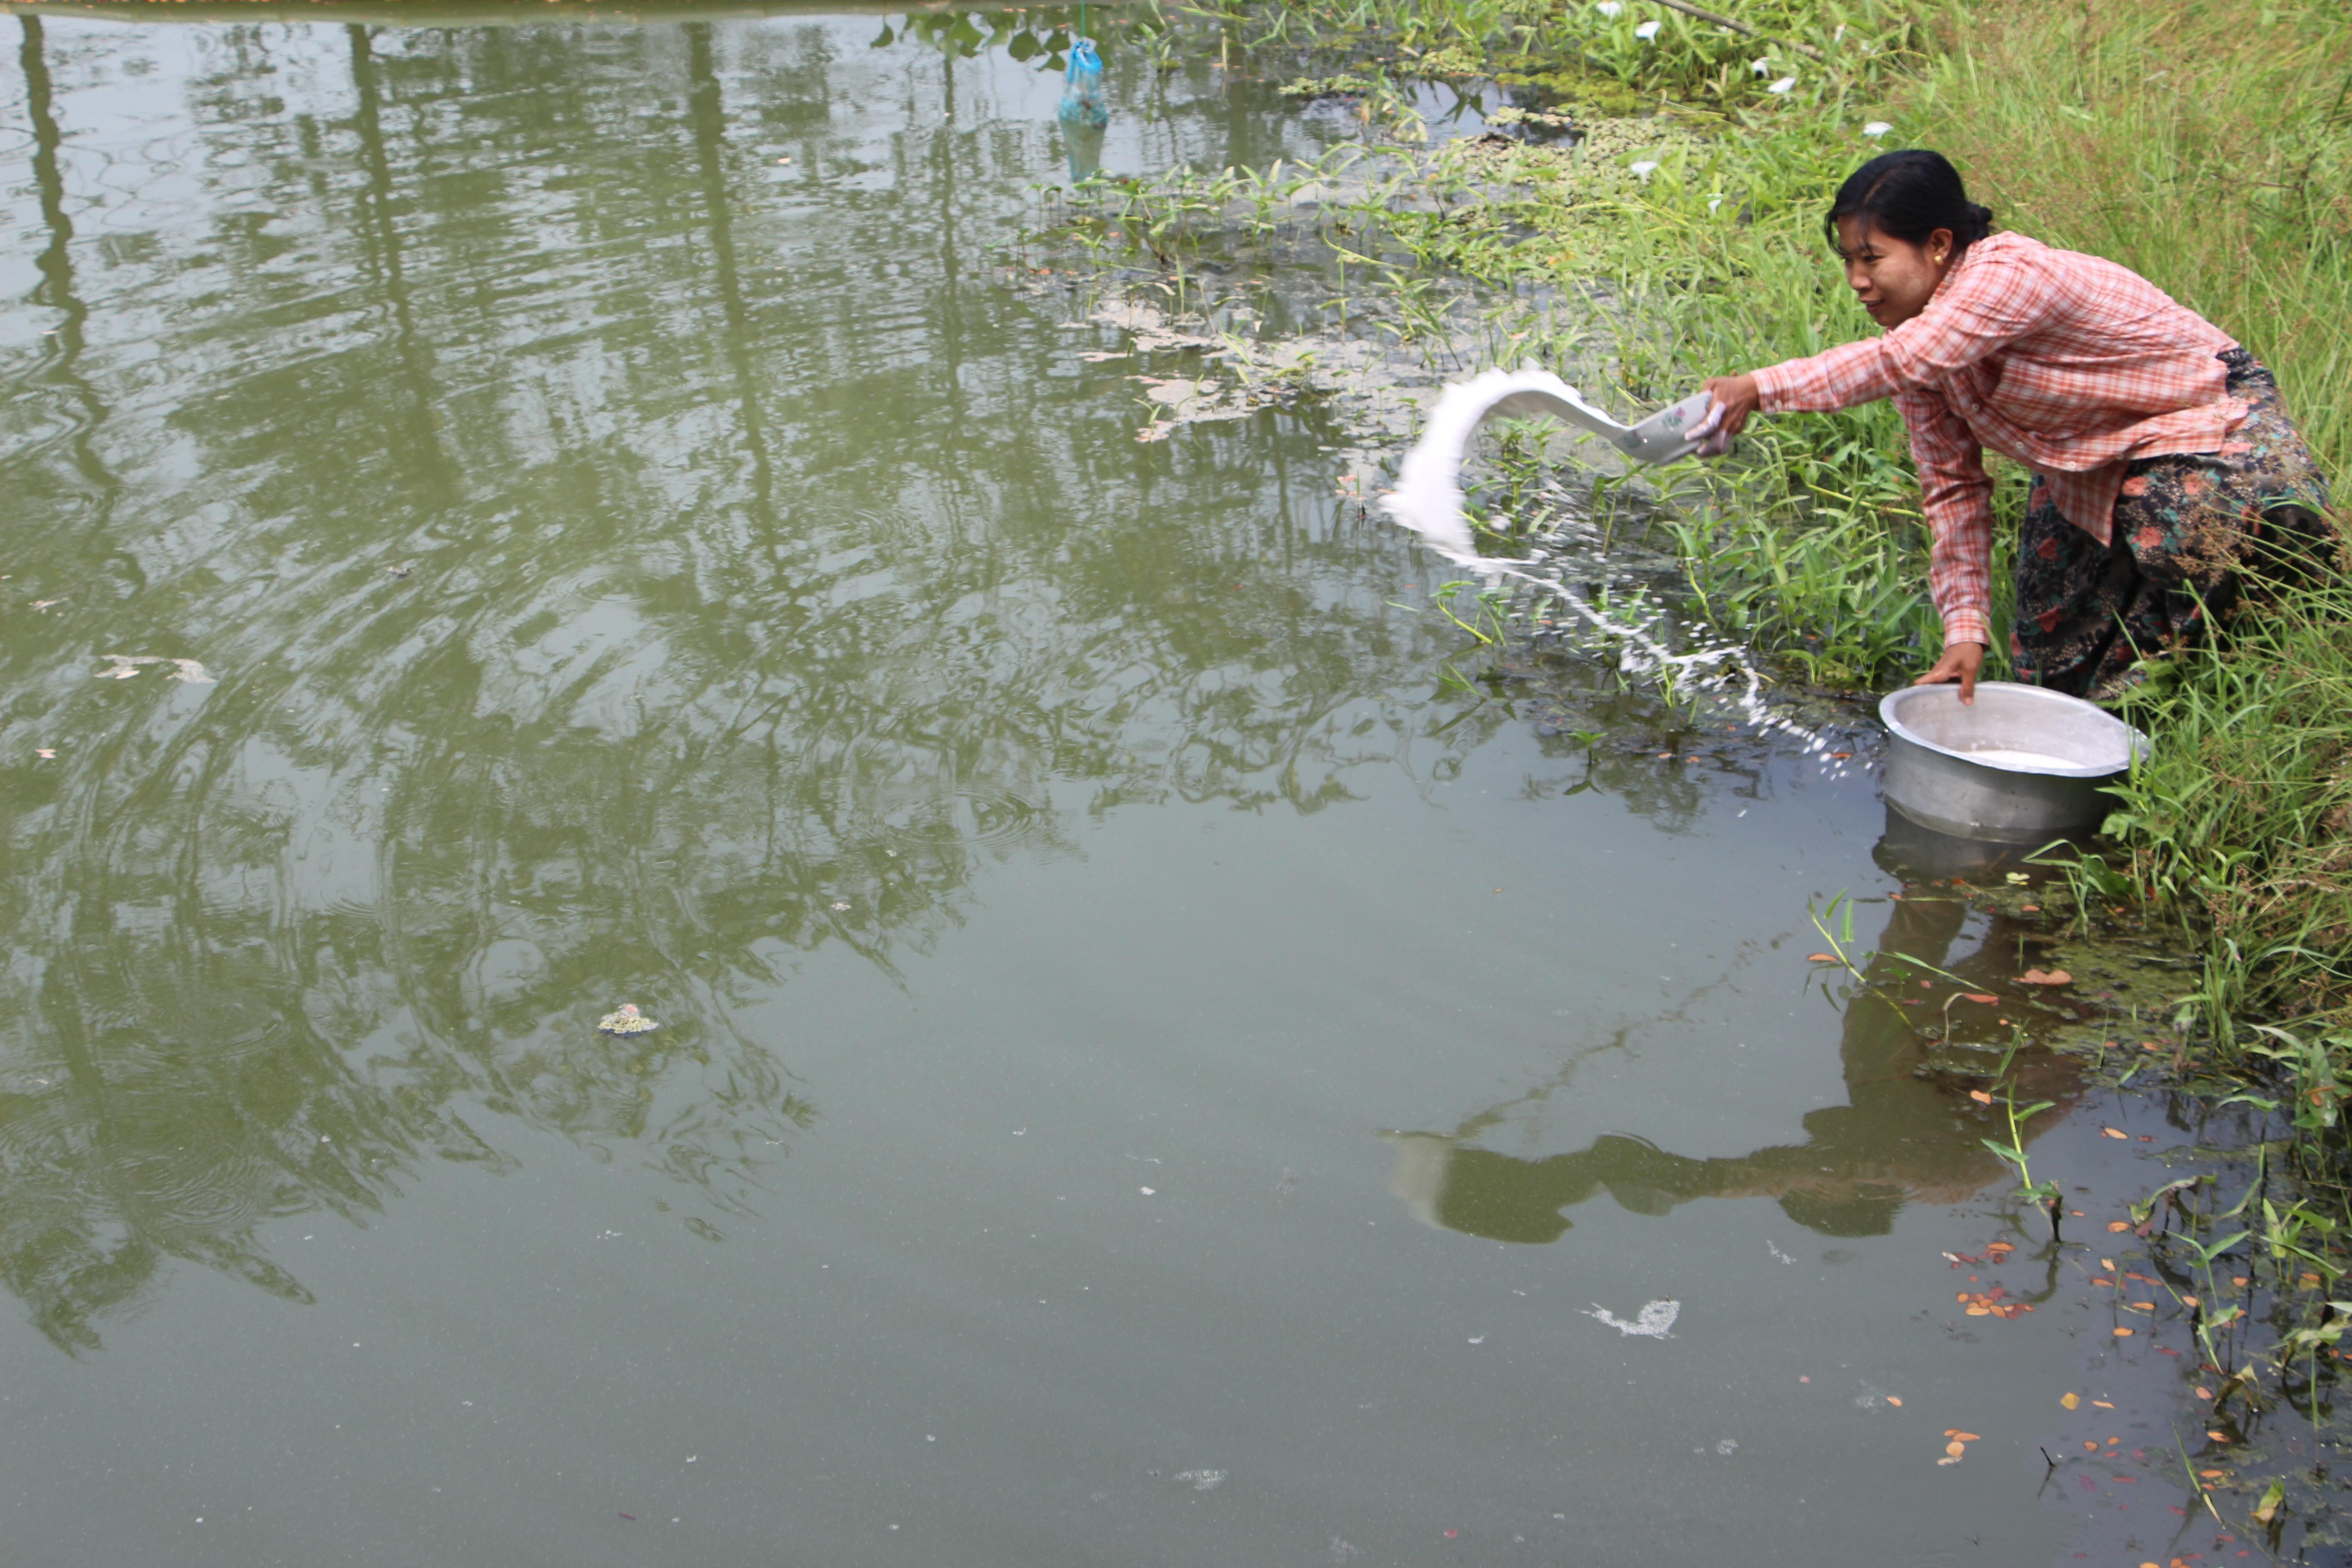 ကန်အတွင်း မြေဩဇာထည့်သွင်းခြင်းနှင့် ရေအရည်အသွေးစစ်ဆေးခြင်း